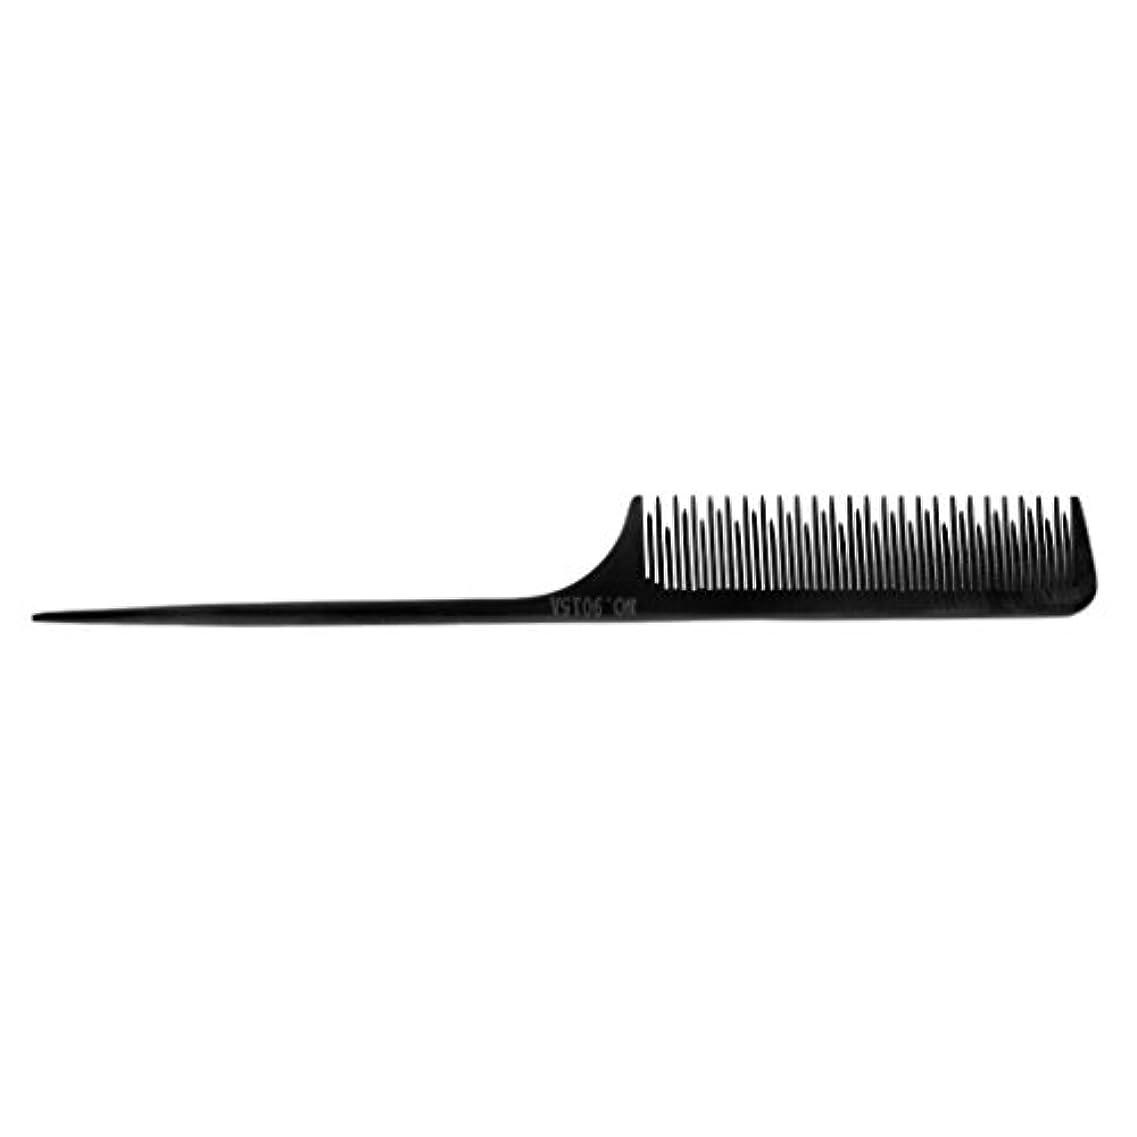 フルーツ信念兵器庫CUTICATE サロンの理髪師のテールチップスタイリングツール細かい歯の選択毛の櫛